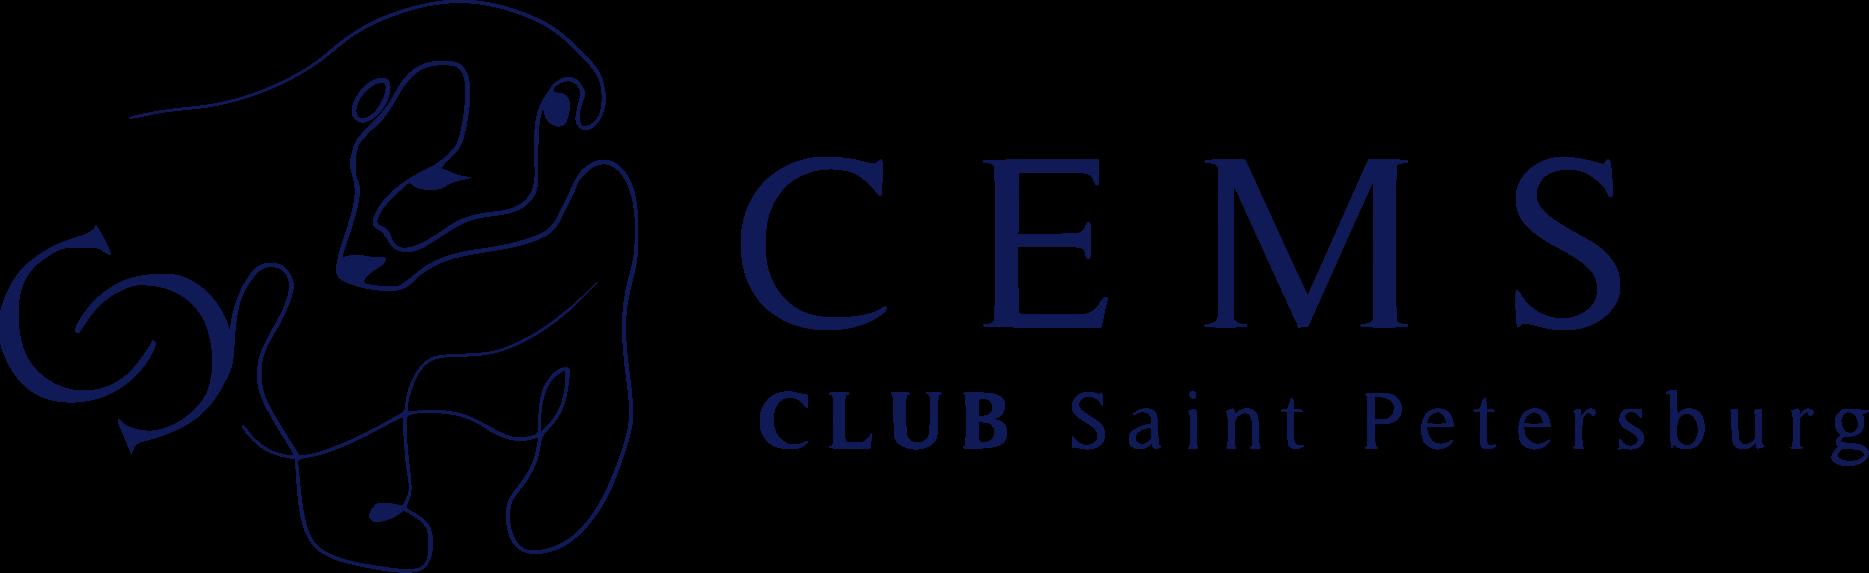 CEMS Club St. Petersburg